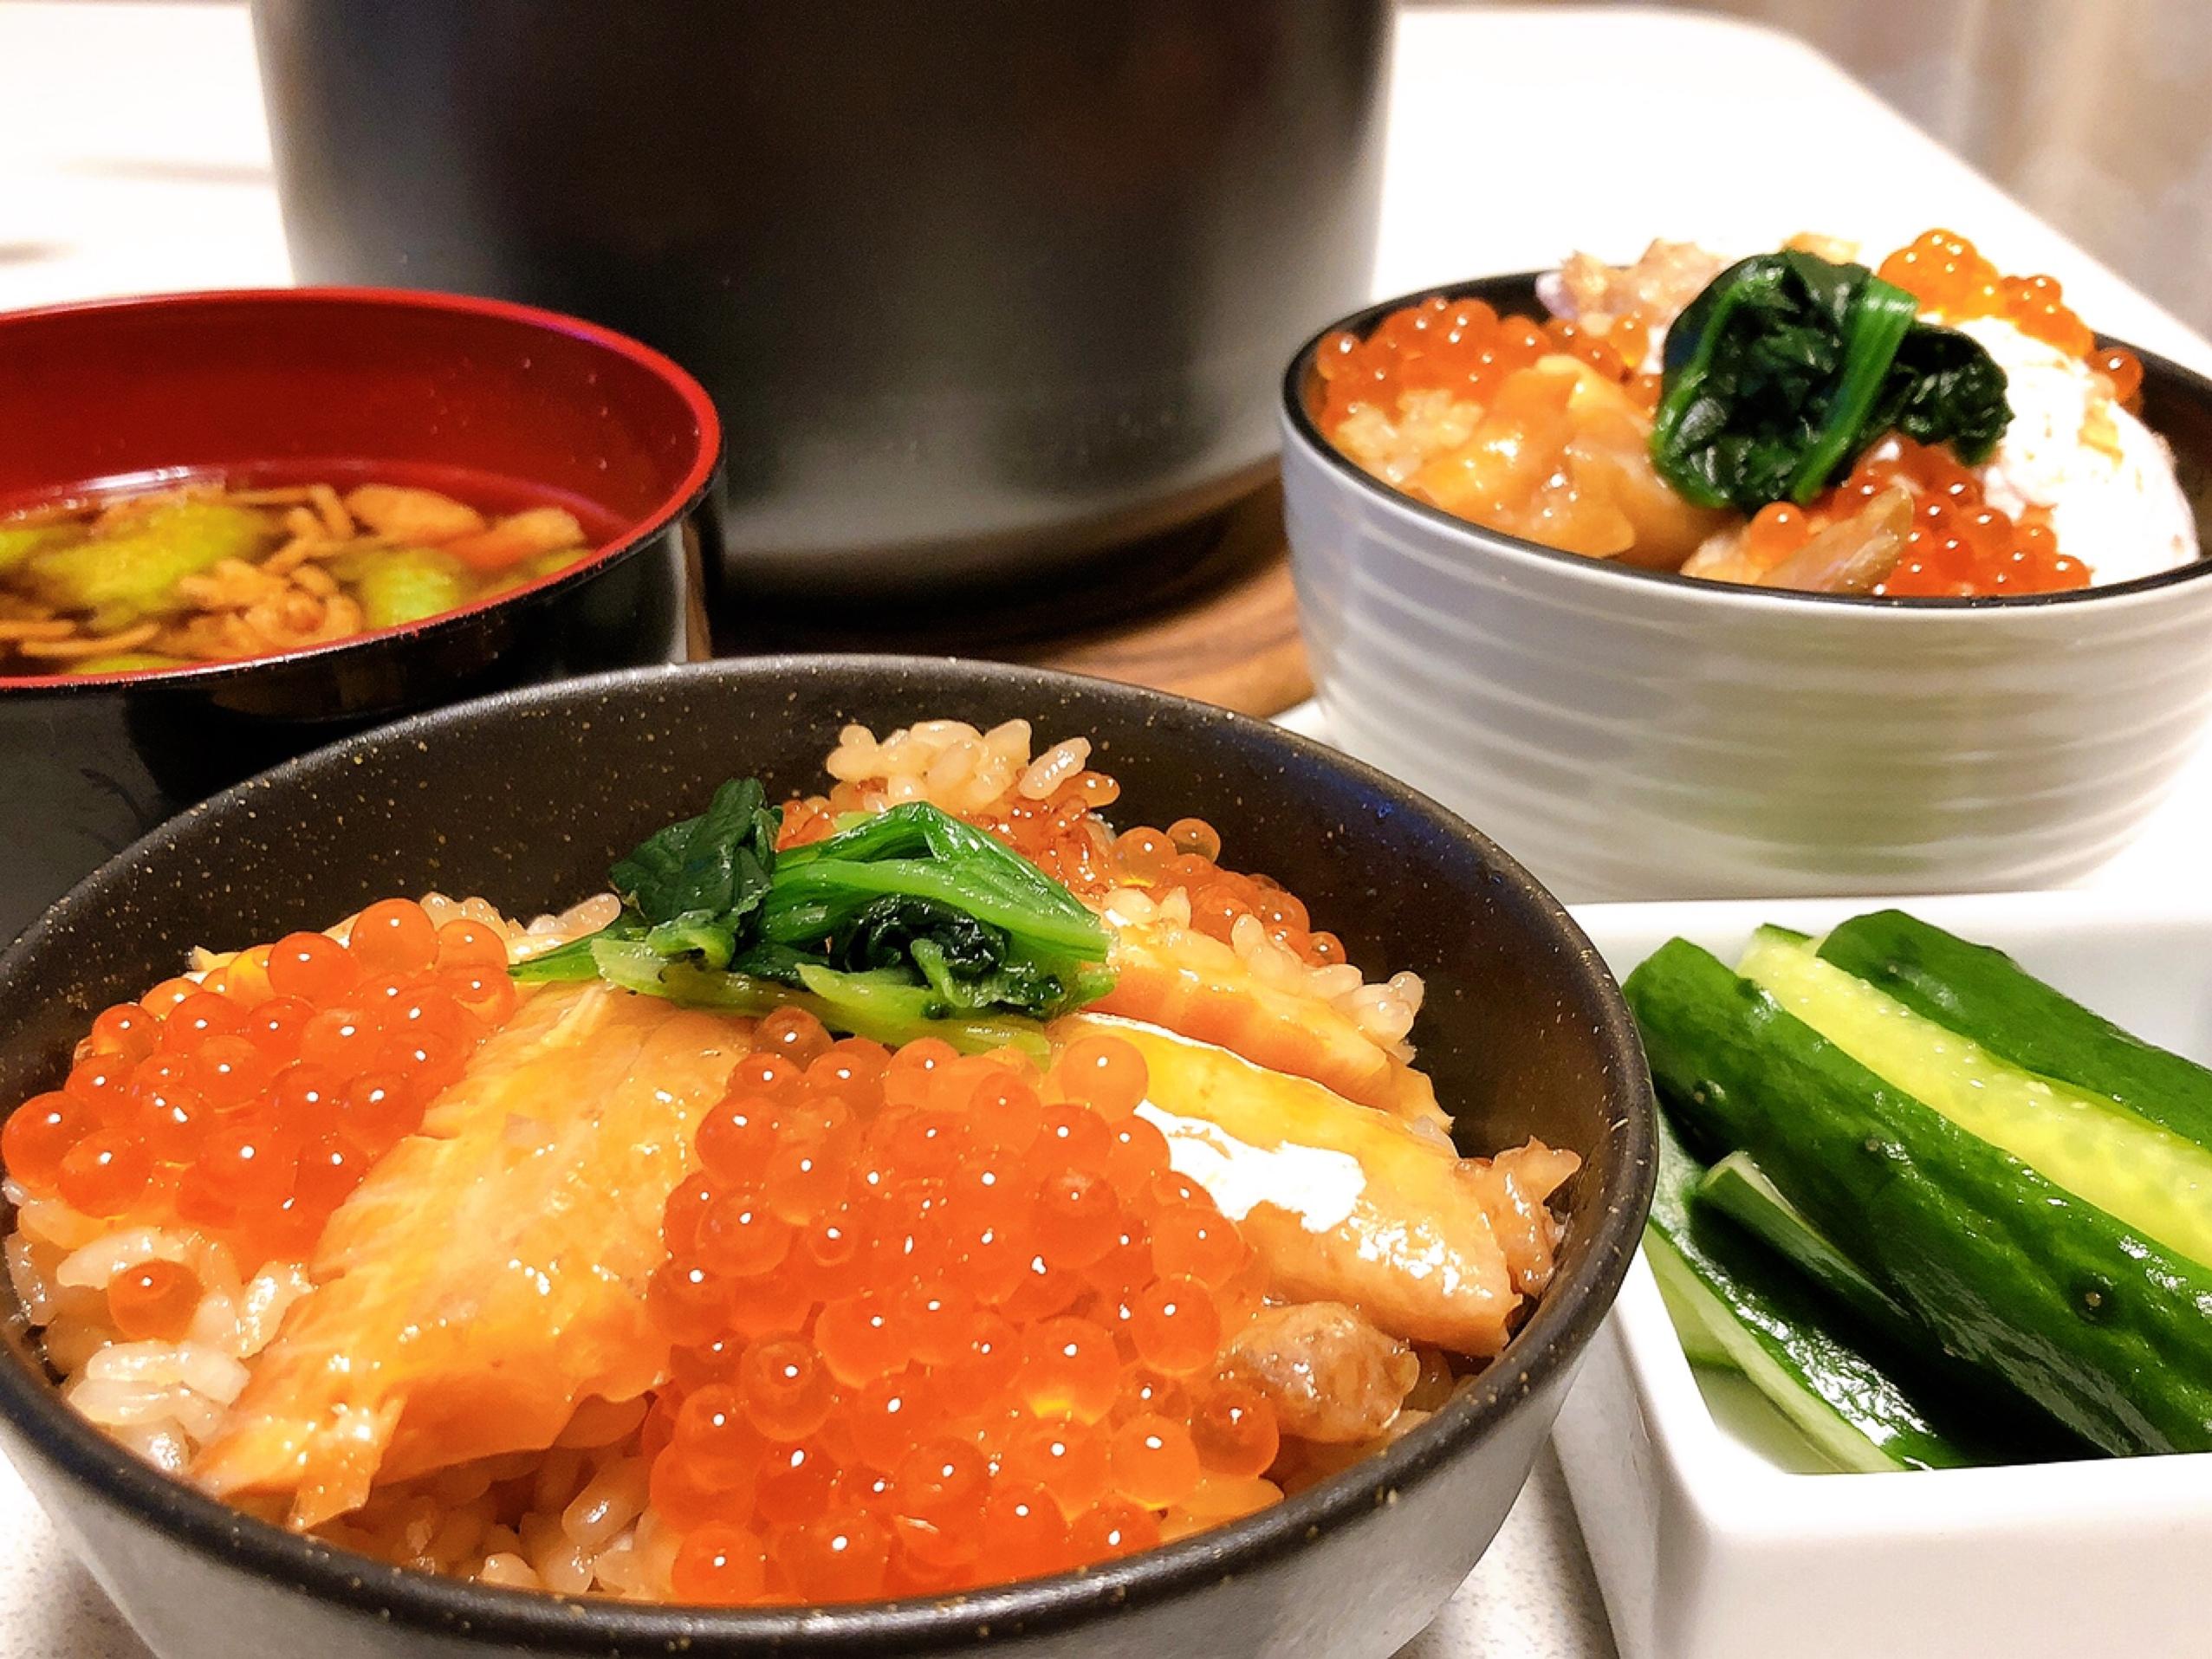 【簡単贅沢レシピ】お家で簡単に♩鮭といくらの親子炊き込みご飯( ´ ▽ ` )_1